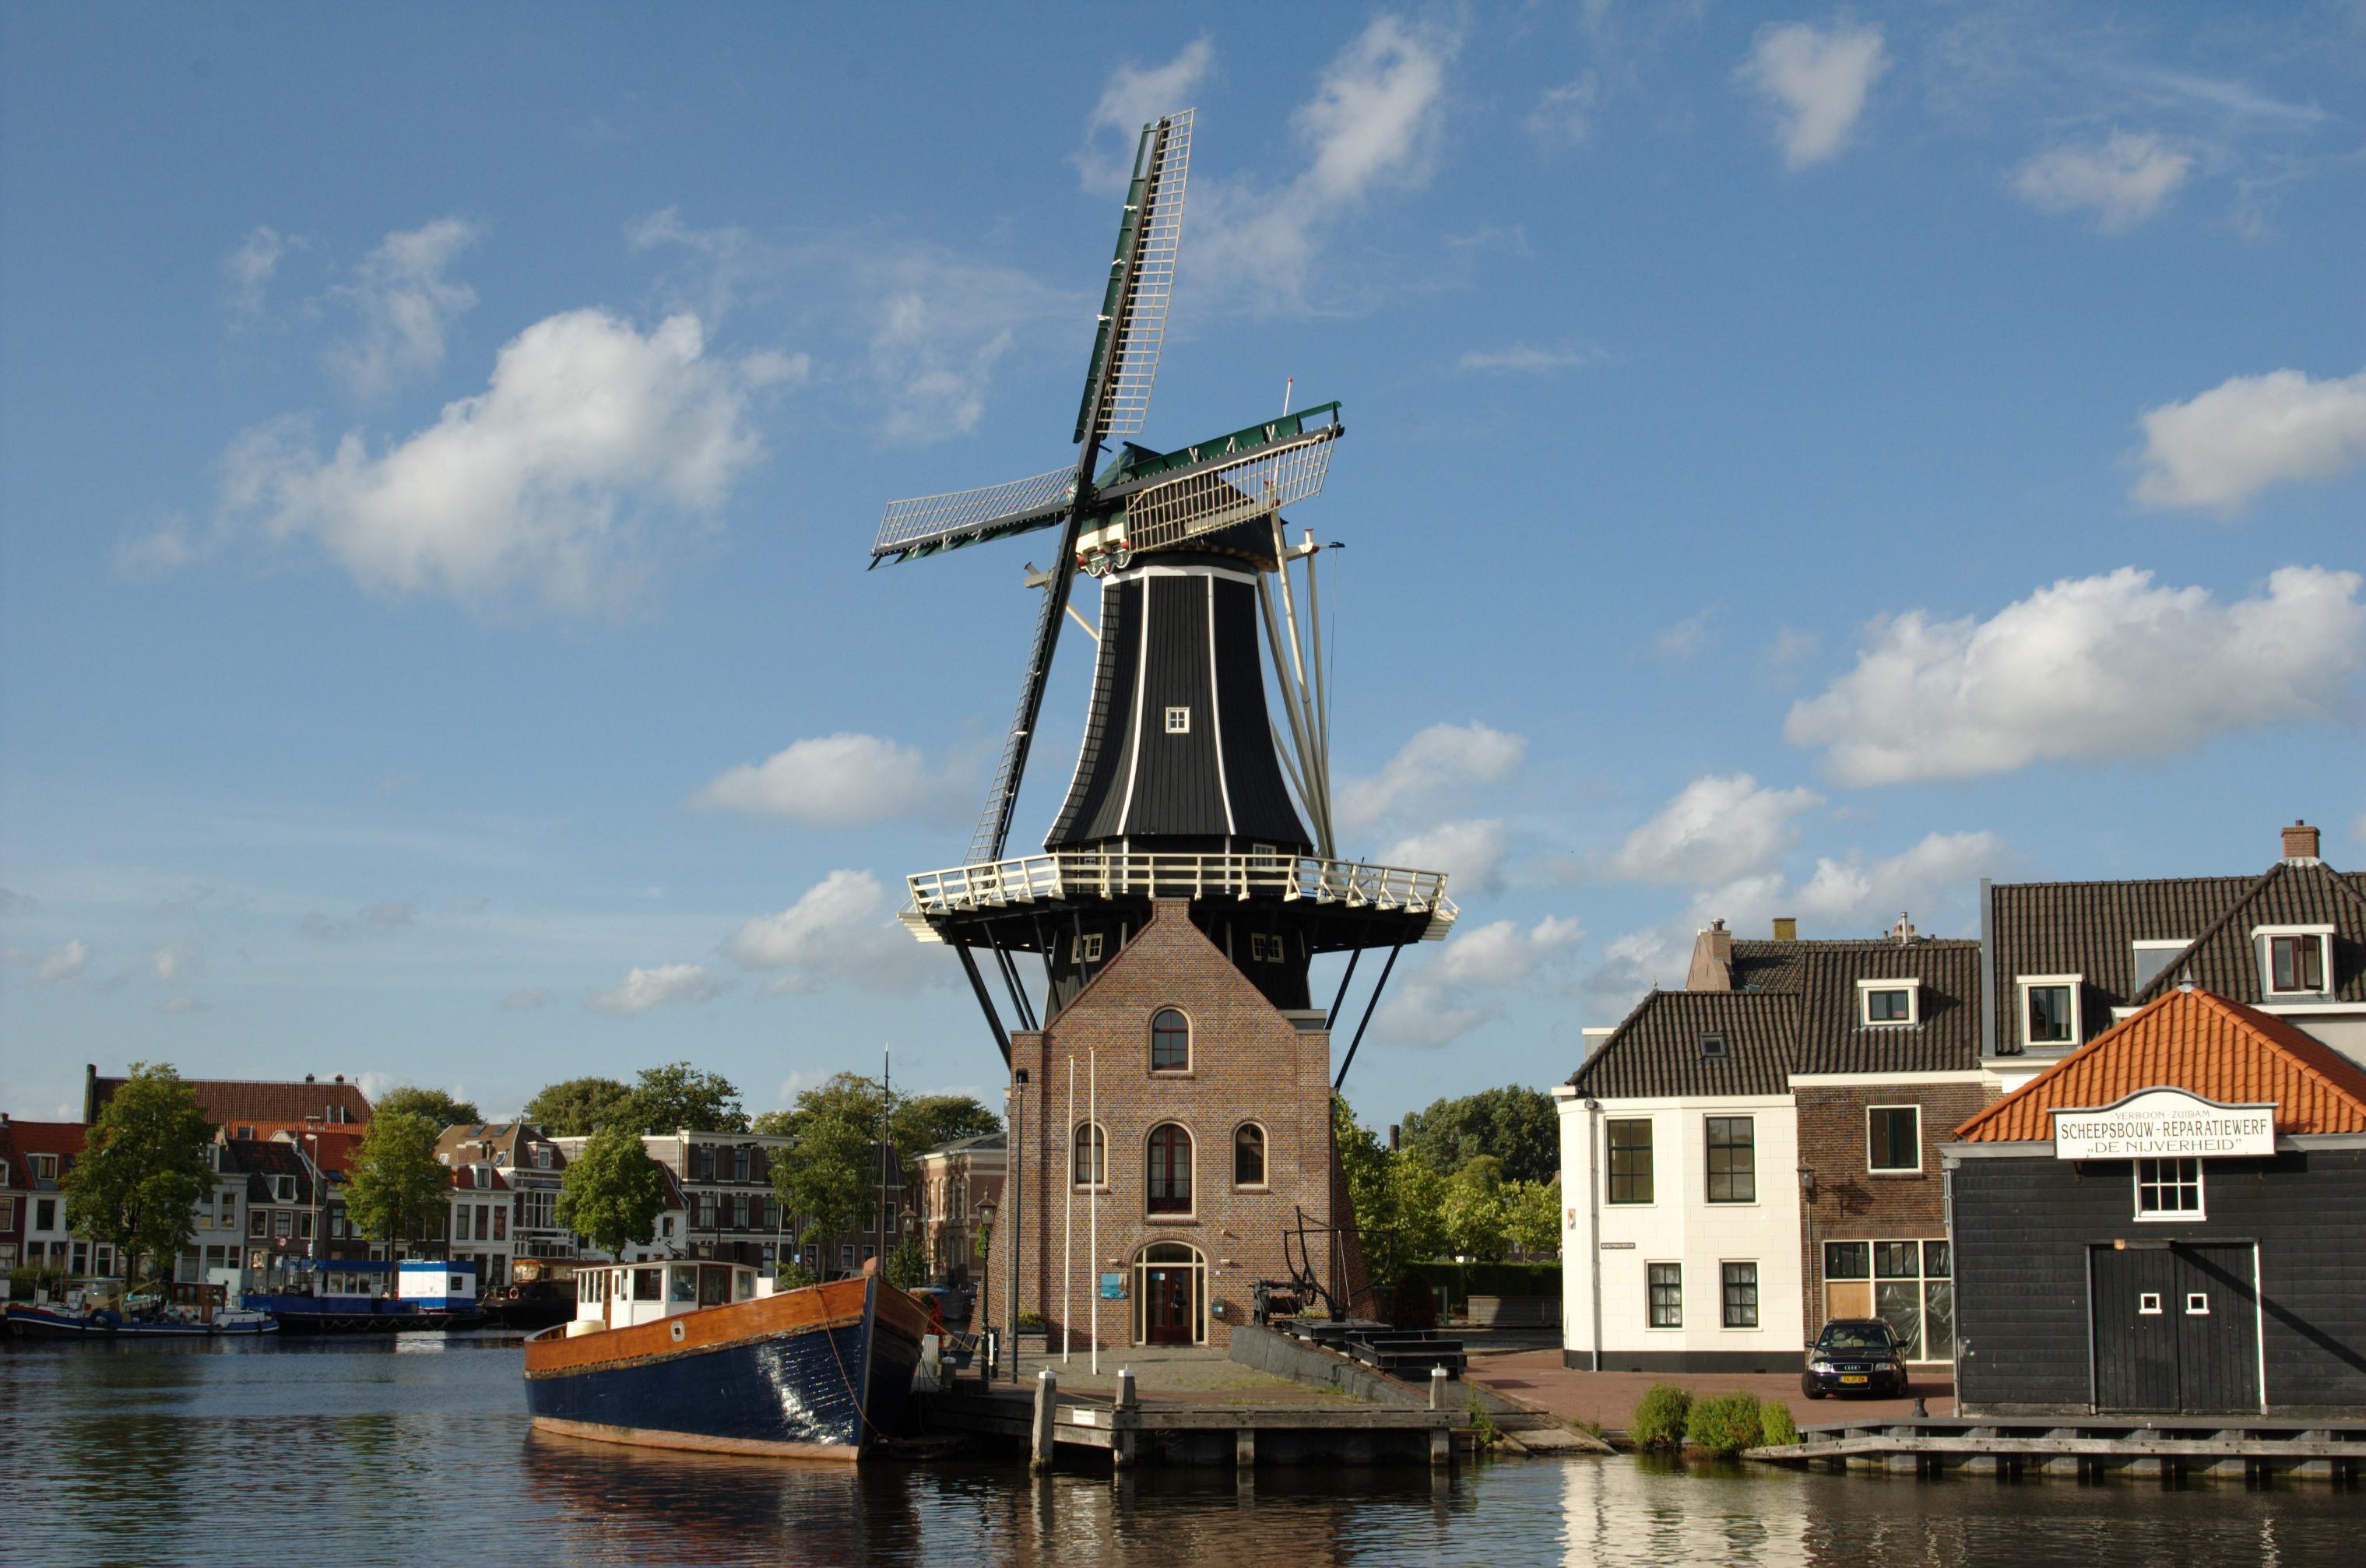 Molen-de-Adriaan-in-Haarlem_Netherlands